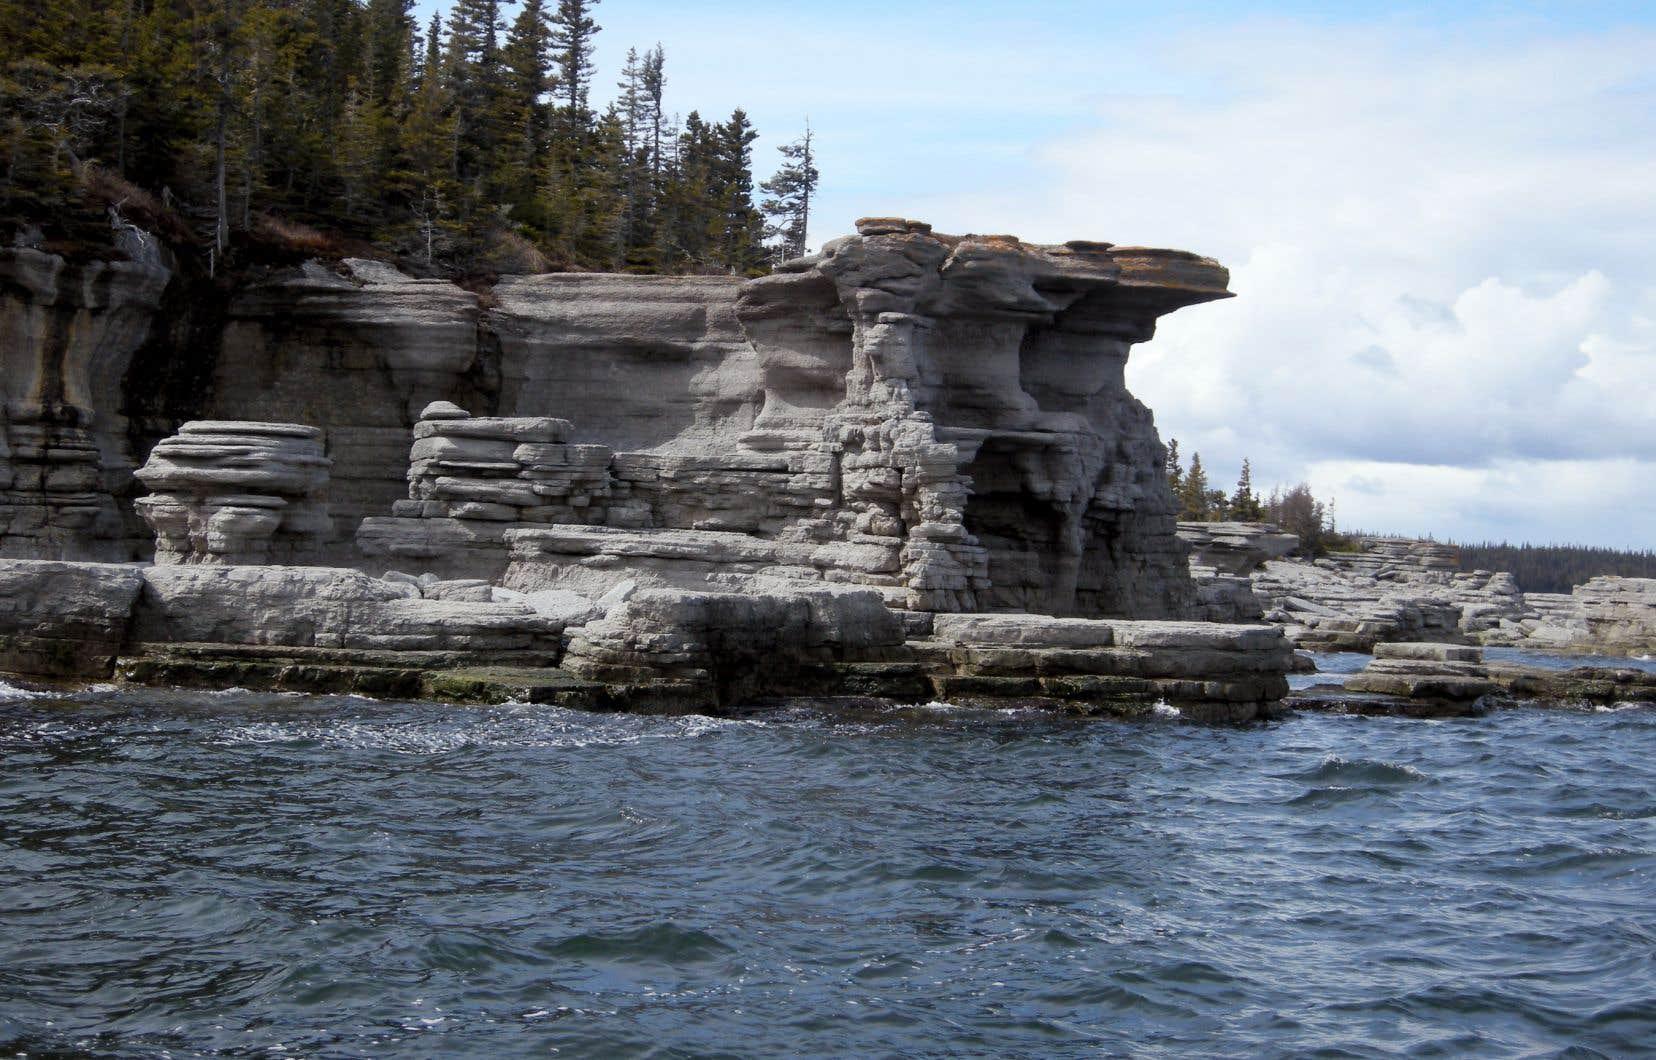 Sculpture de calcaire, ouvragée par le vent et les marées, sur l'île de la Fausse Passe. Vue de retour de l'Île à la Chasse, dans l'archipel de Mingan.